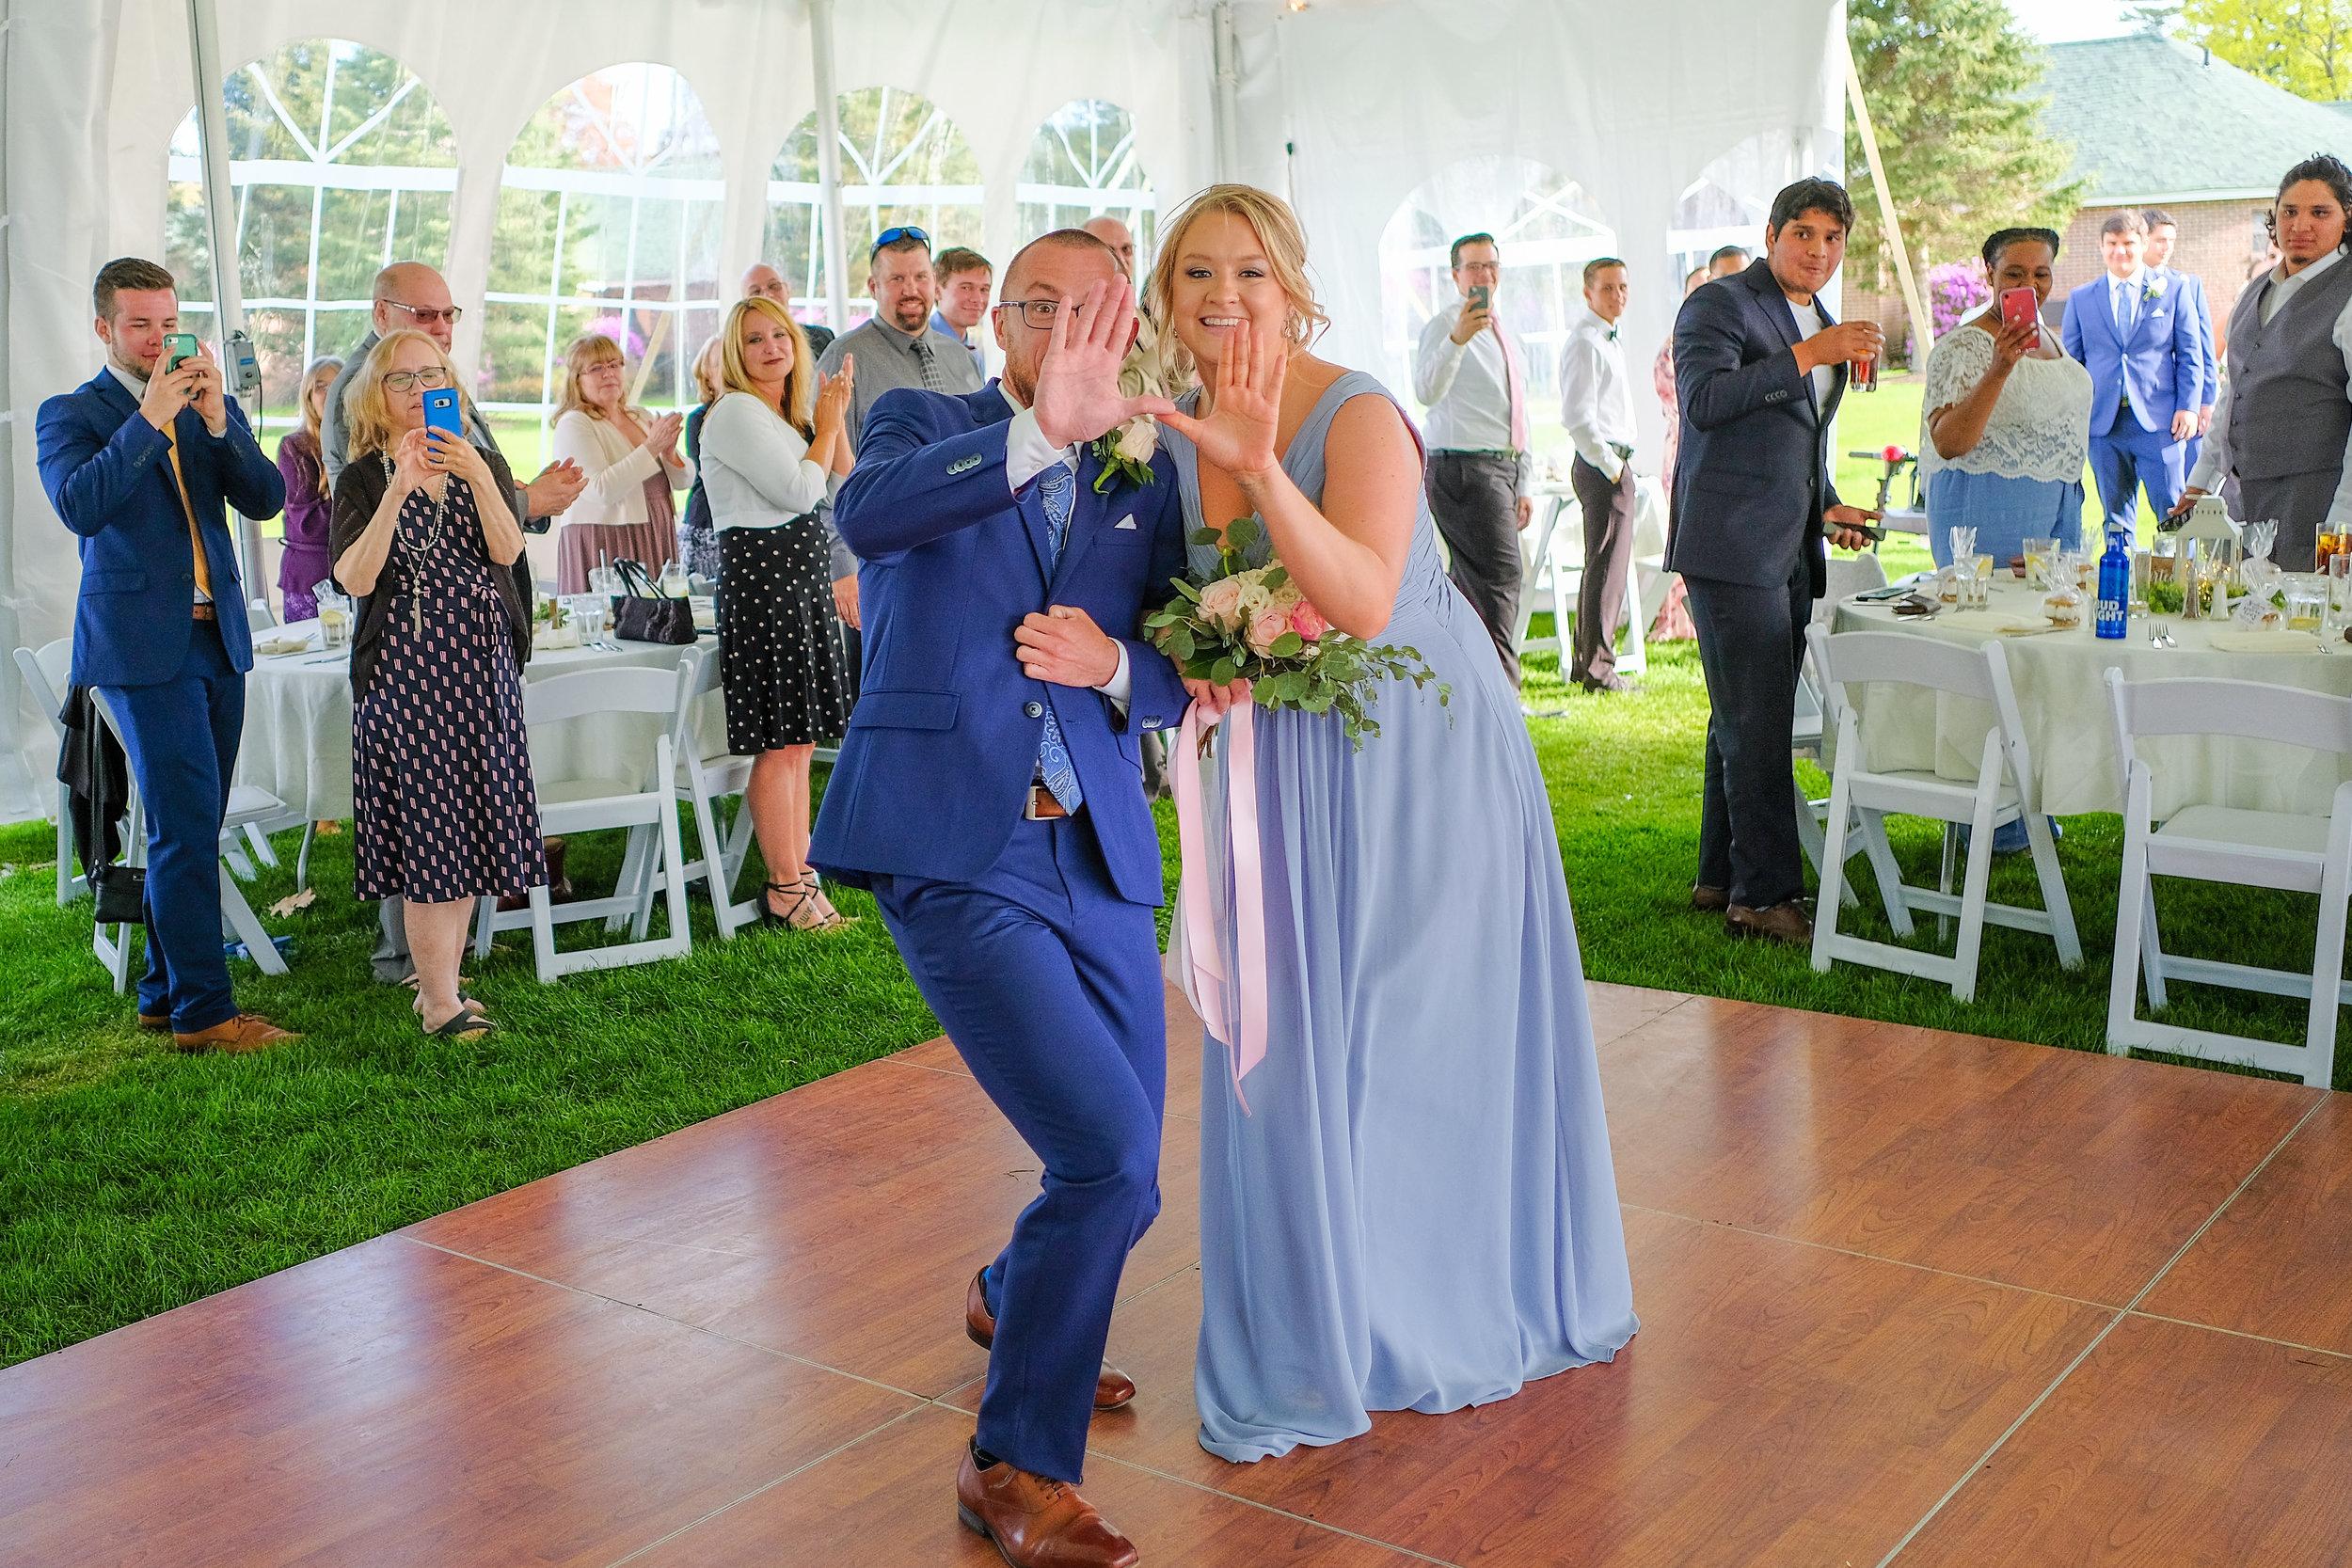 laconia-margate-wedding-photography-561.jpg